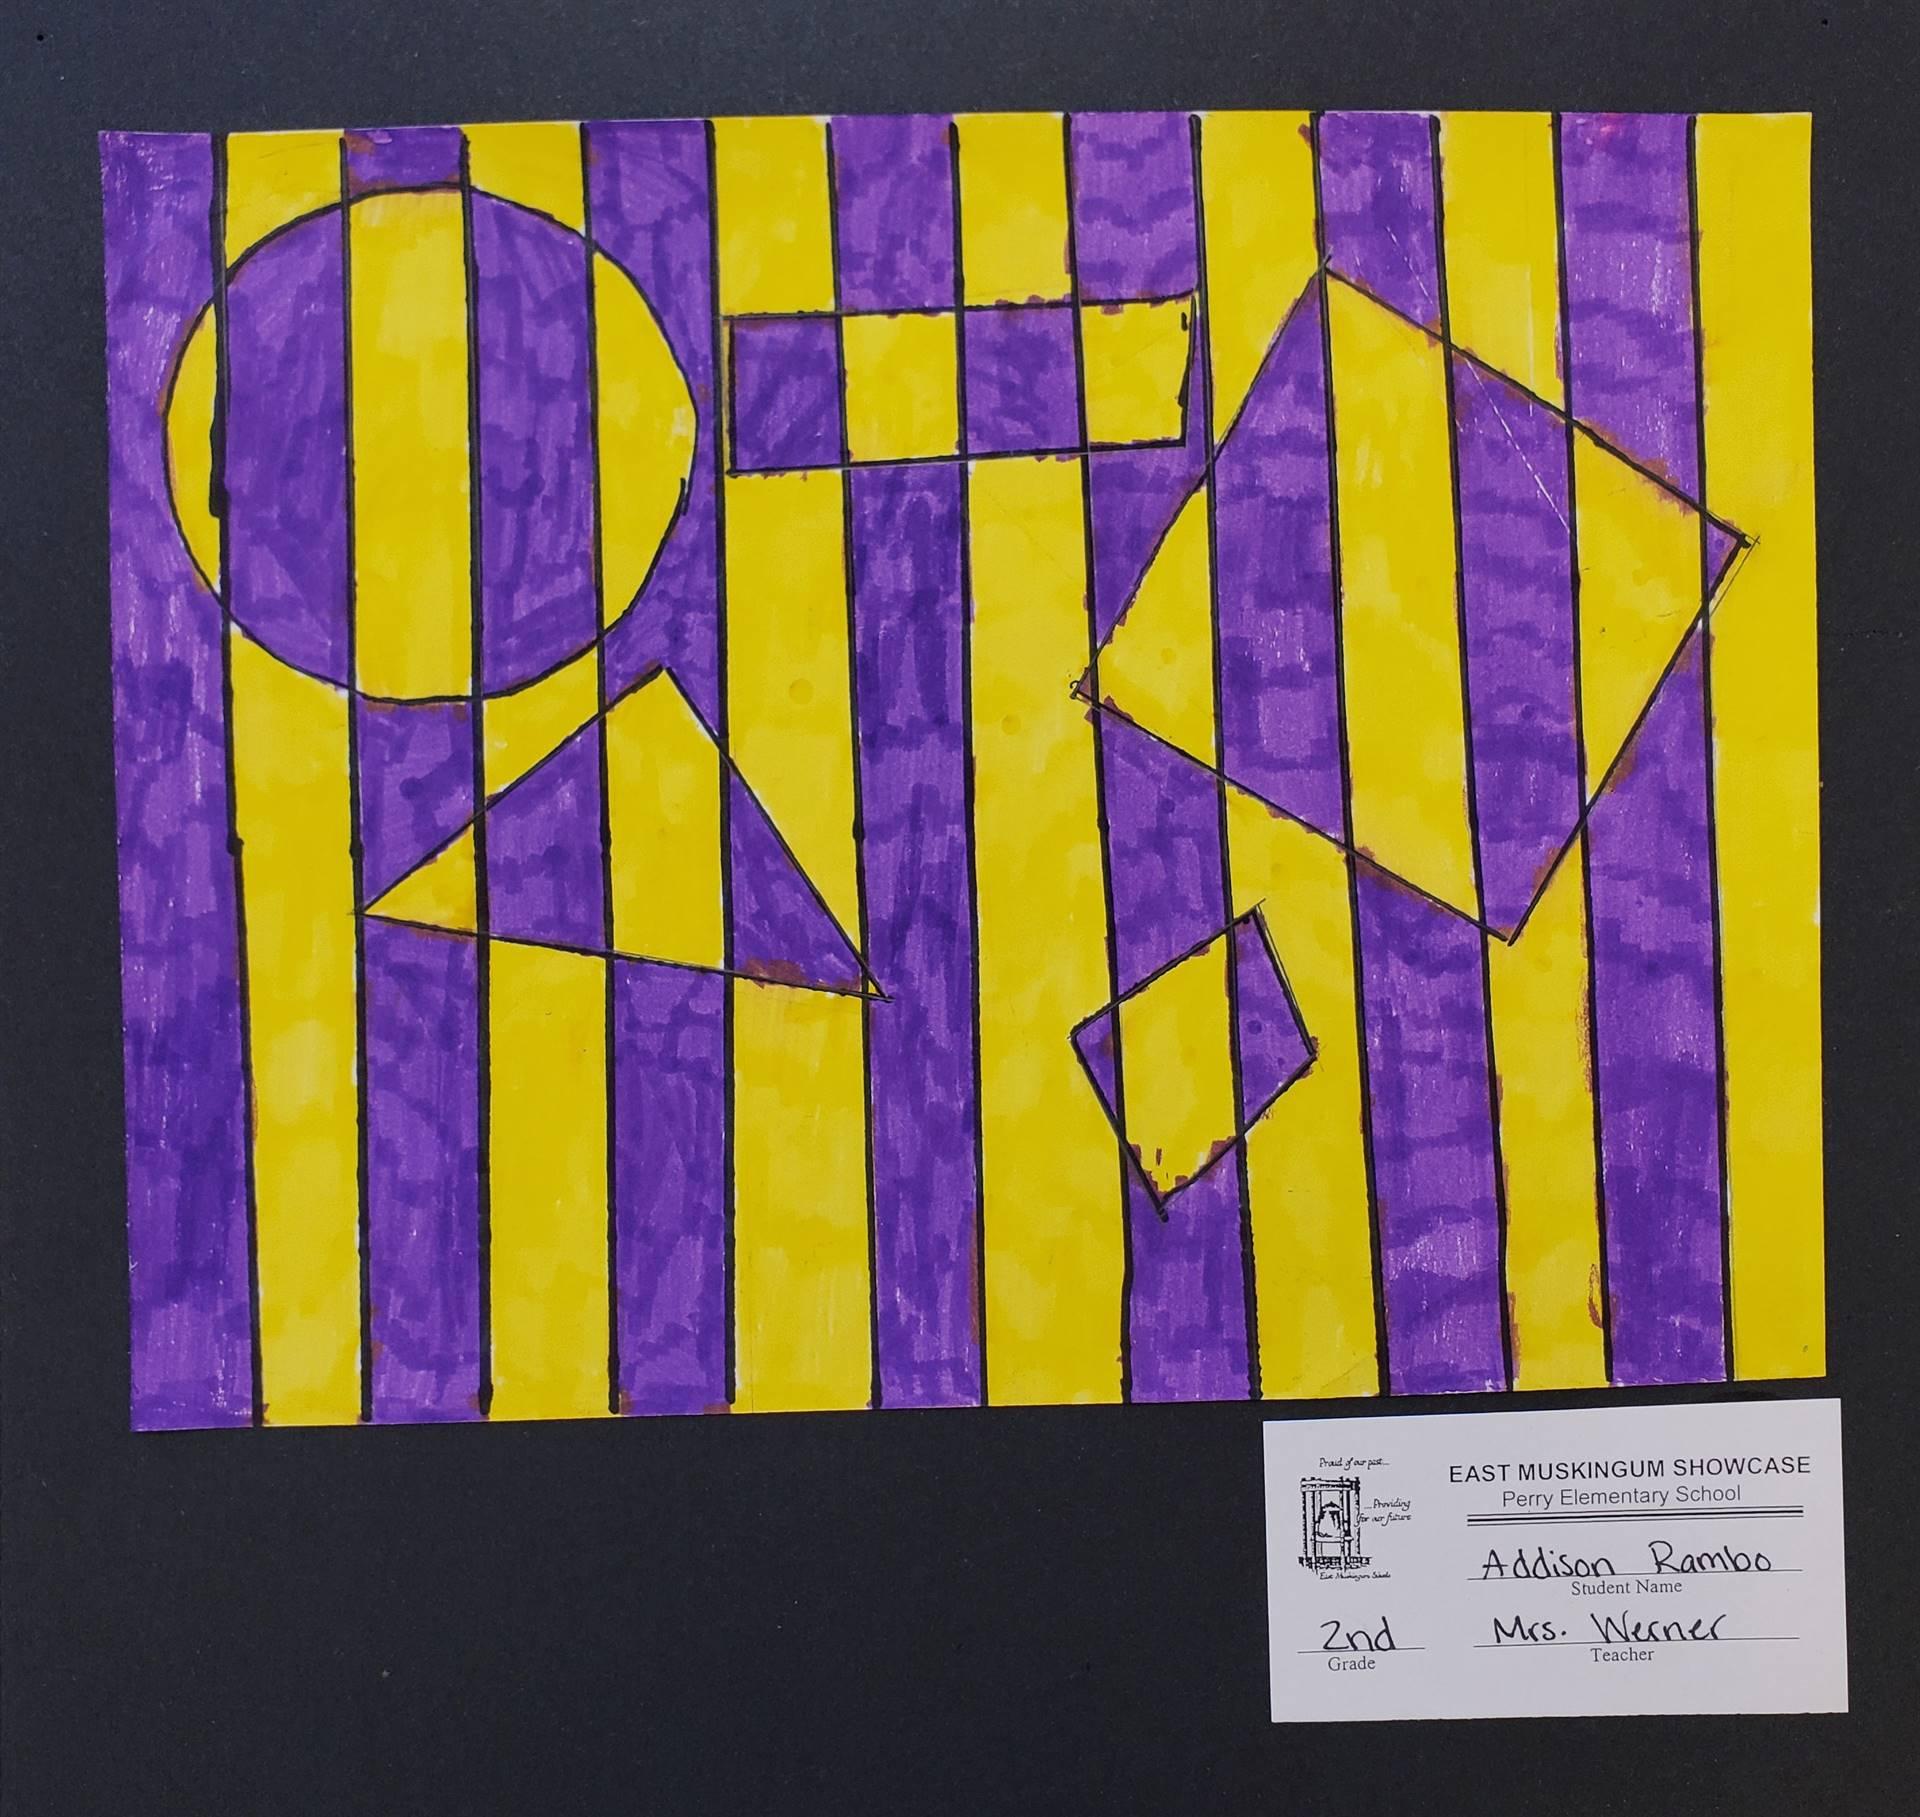 ART 23